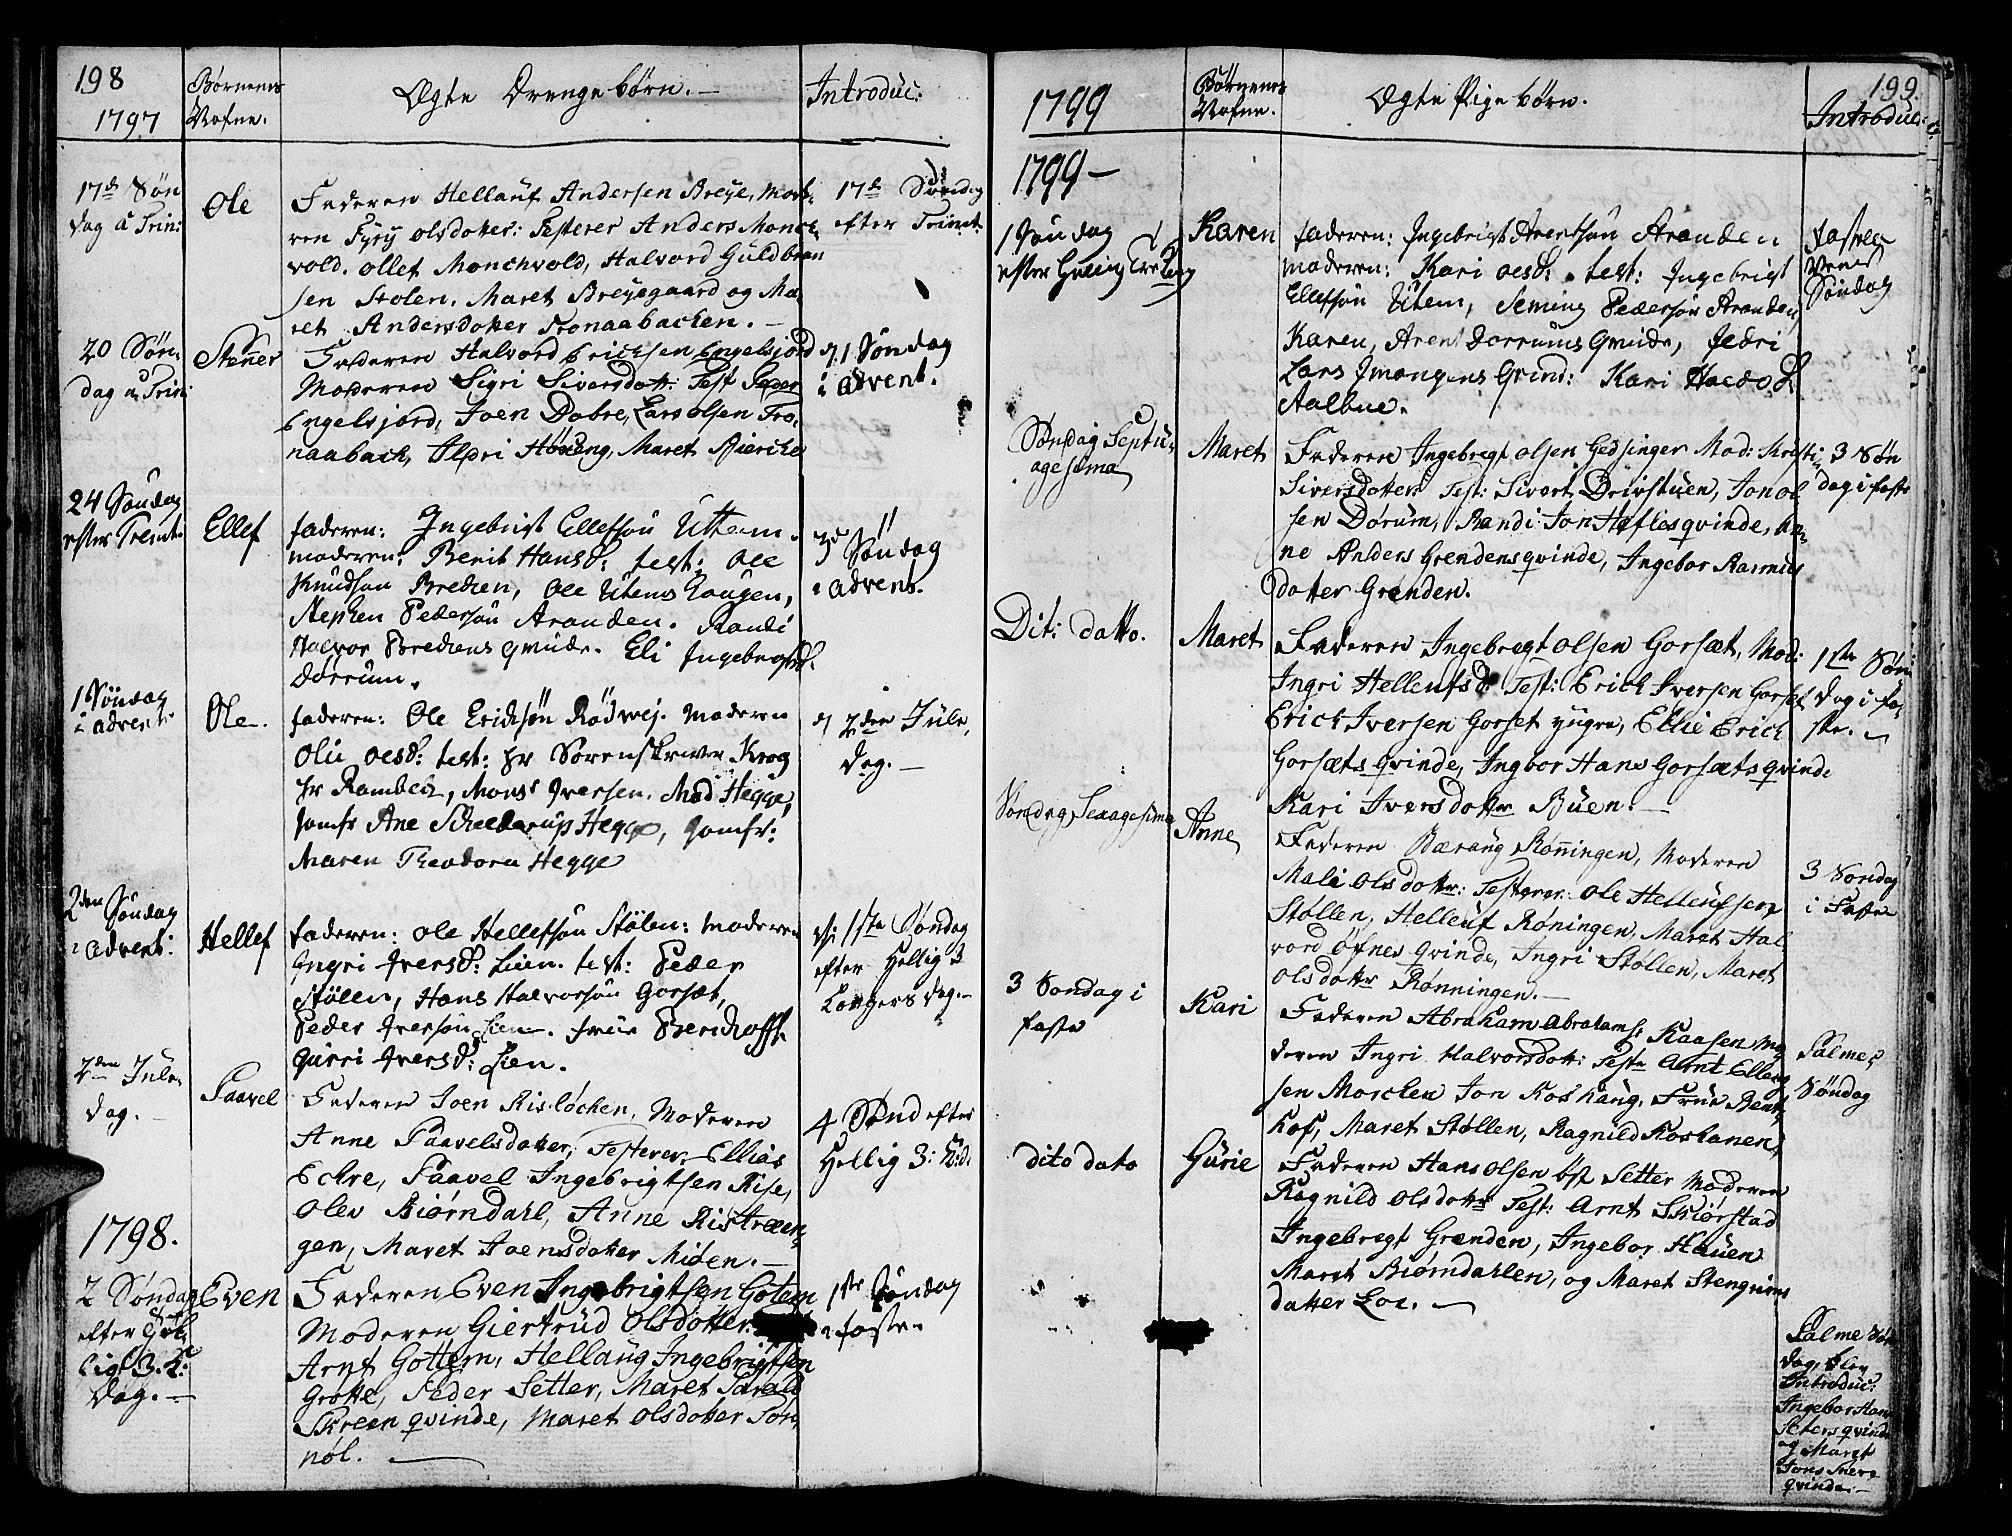 SAT, Ministerialprotokoller, klokkerbøker og fødselsregistre - Sør-Trøndelag, 678/L0893: Ministerialbok nr. 678A03, 1792-1805, s. 198-199